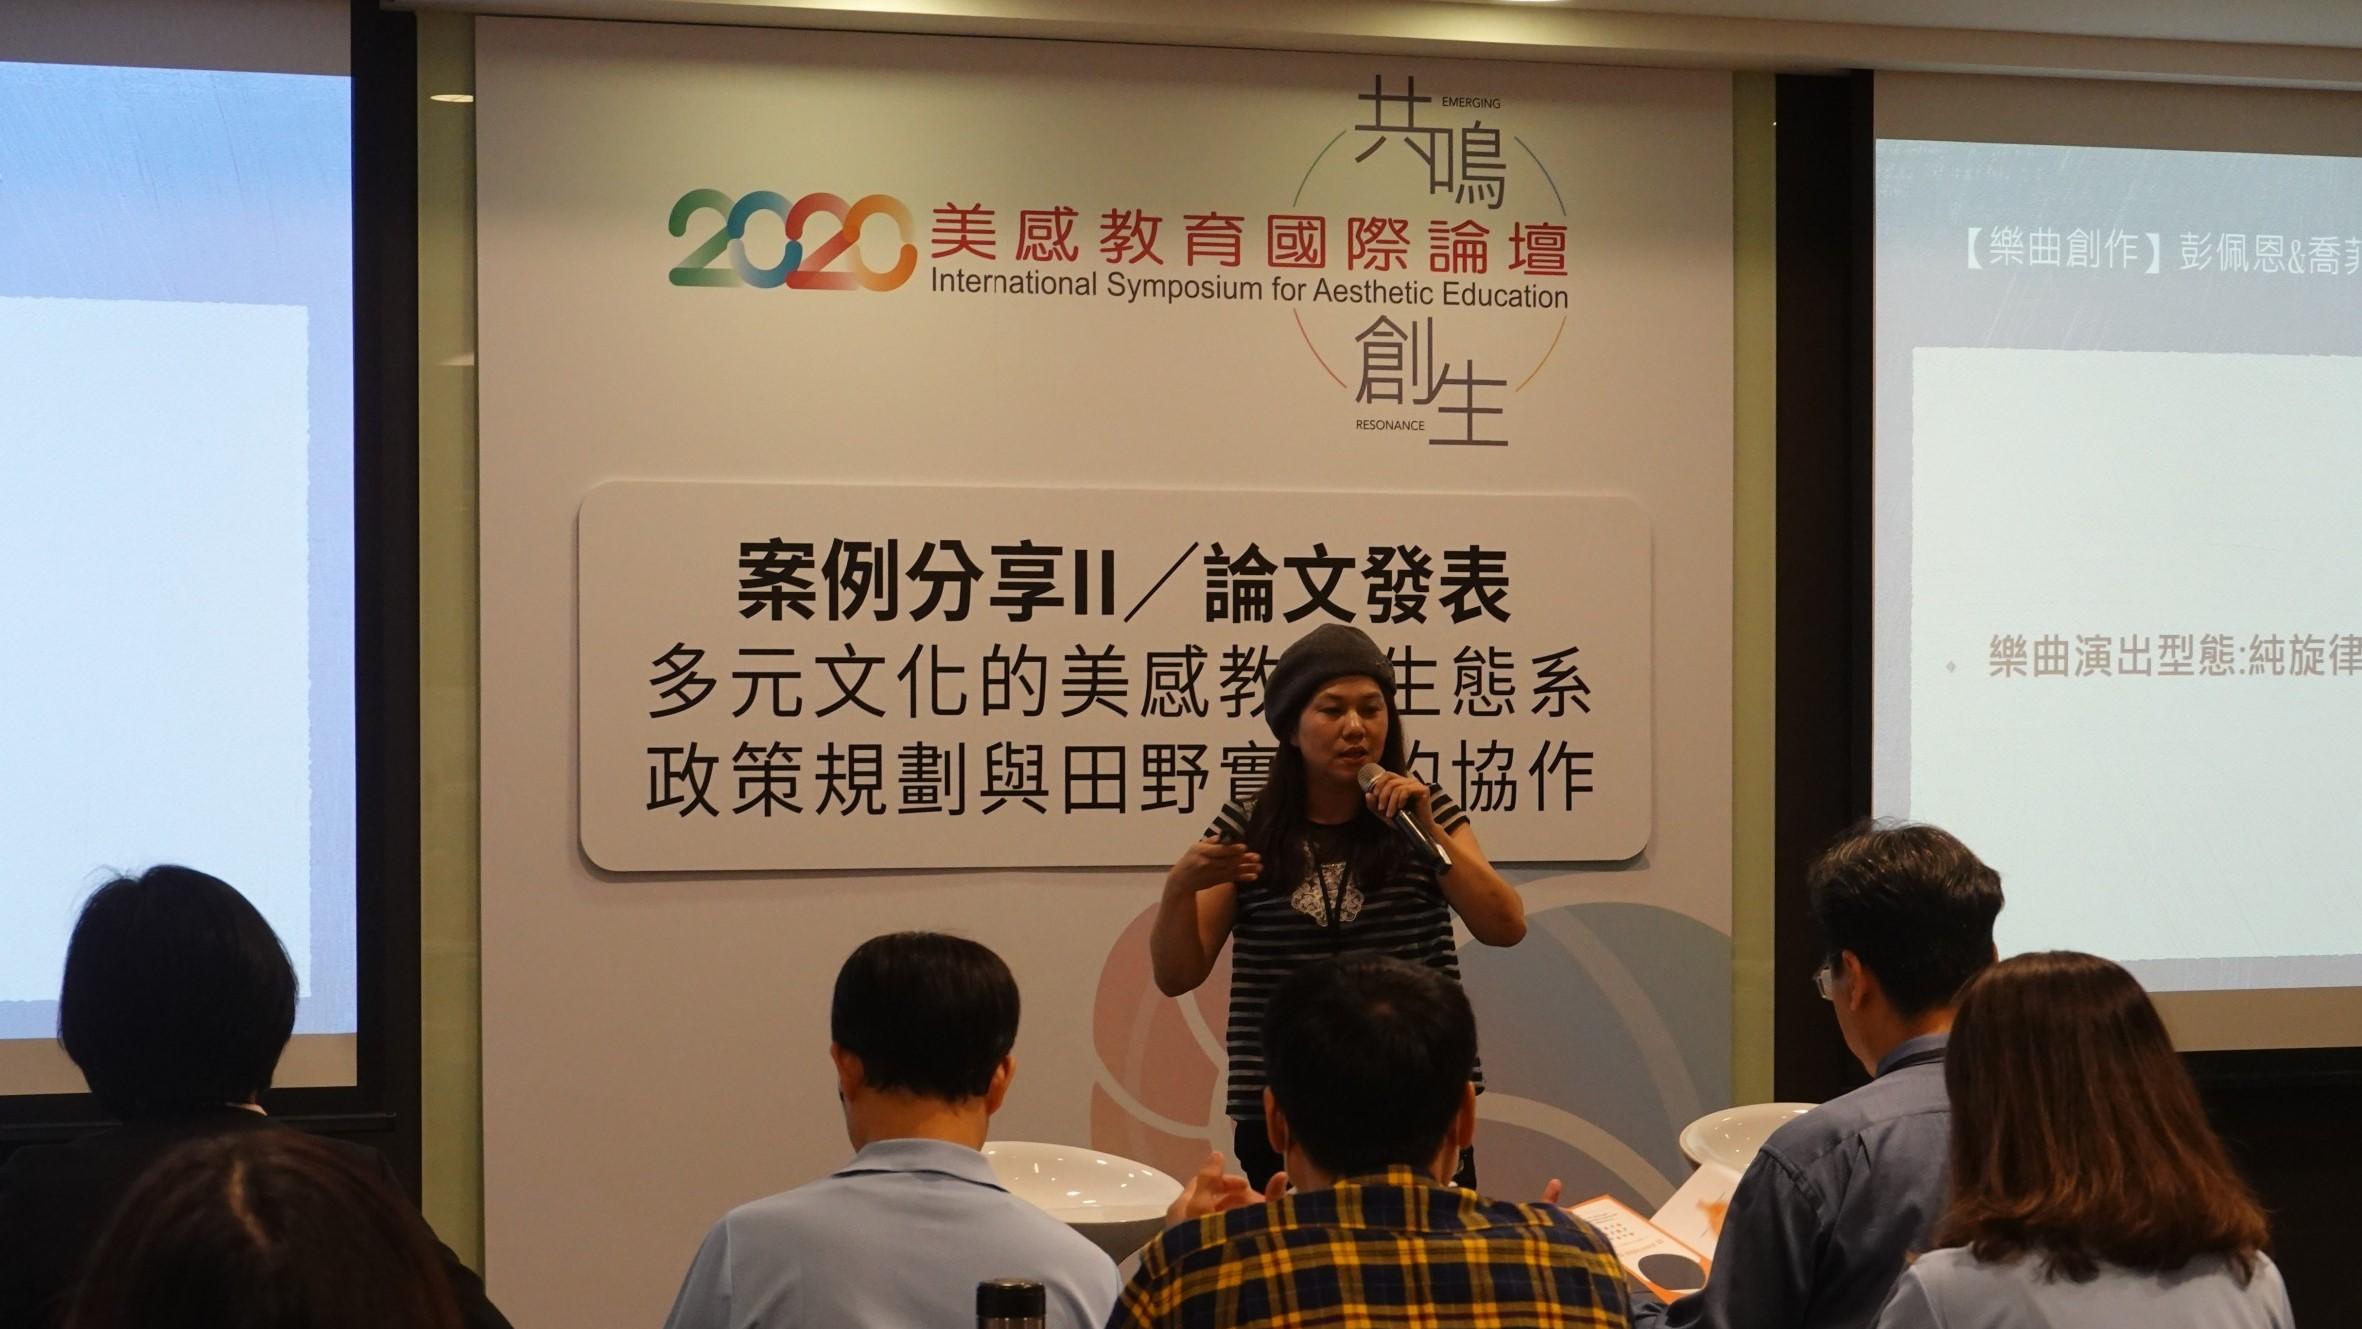 2020美感教育國際論壇 201116 18